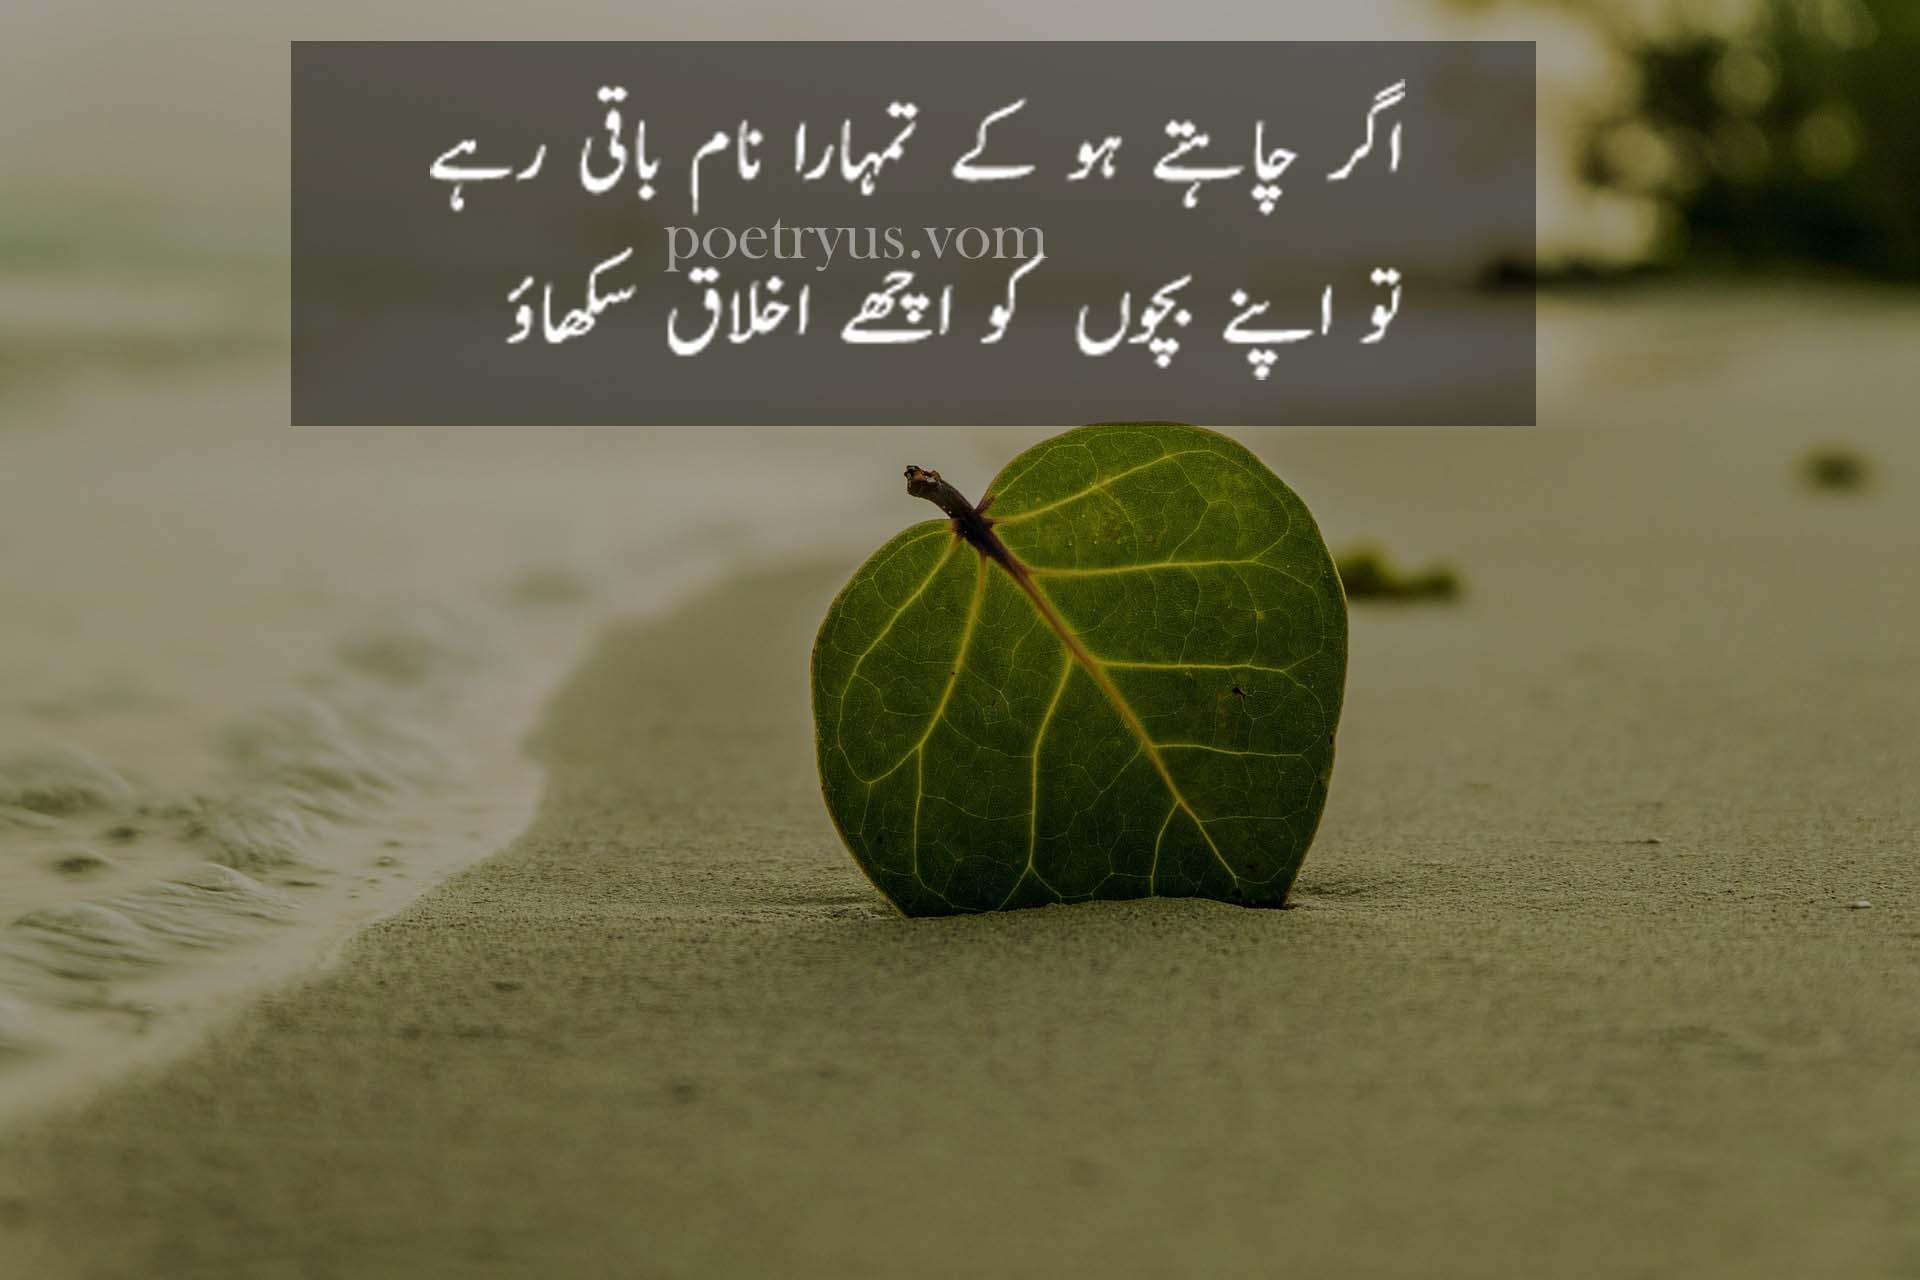  Urdu poetry   2 line love shayari   Sad sms urdu poetry  